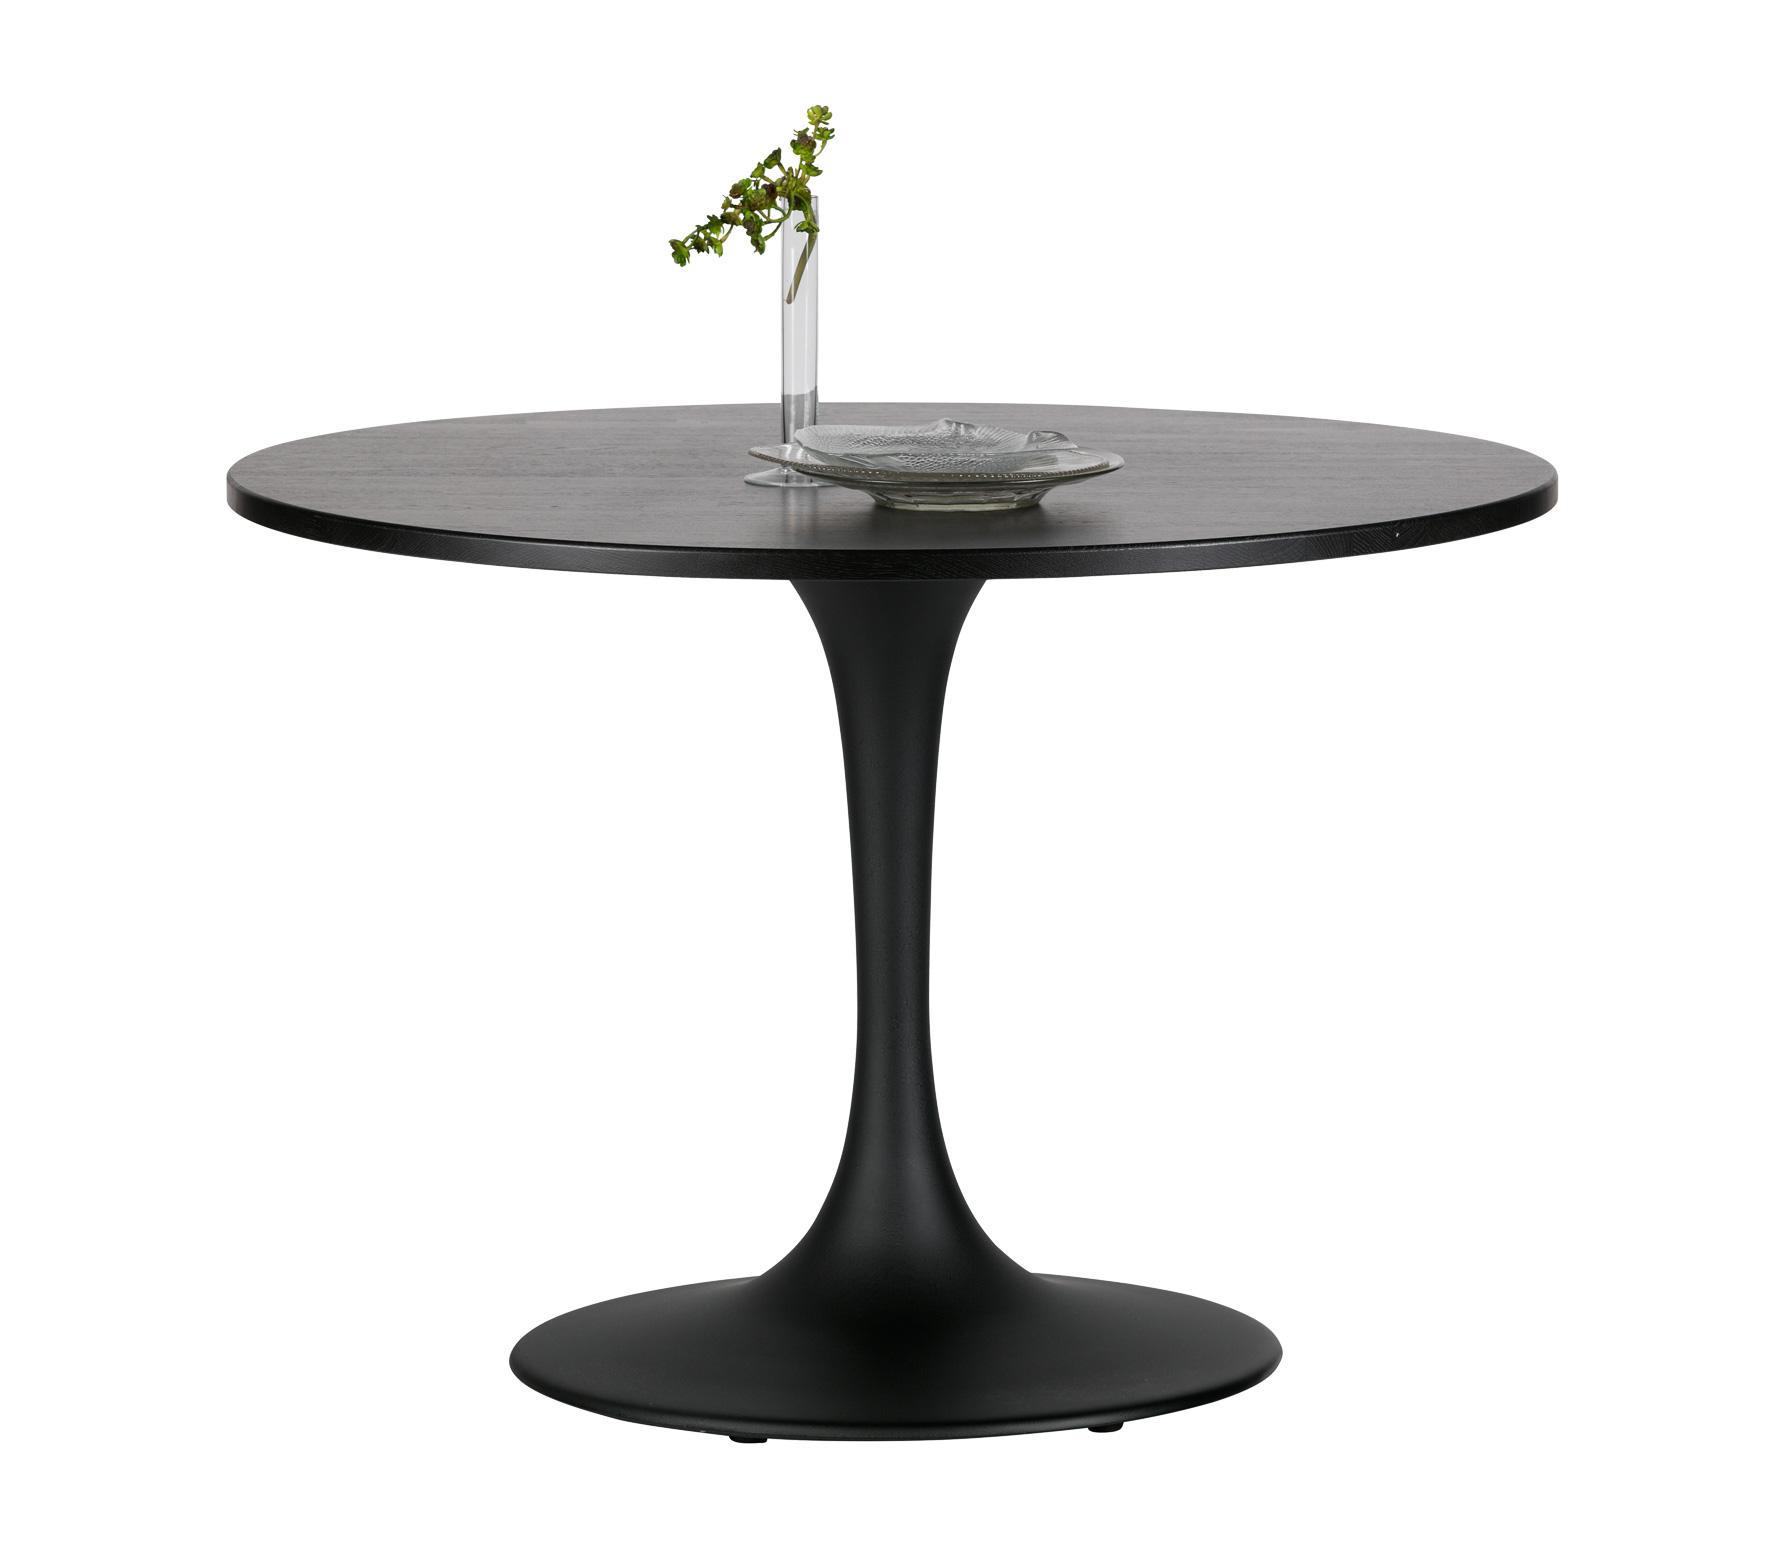 Eetkamertafel kopen basiclabel for Eettafel rond